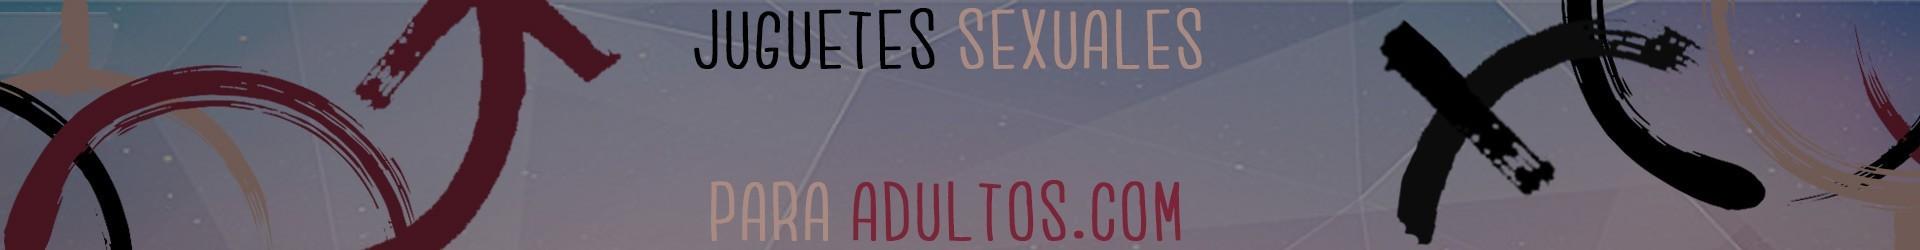 BDSM / Accesorios - Juguetes Sexuales para Adultos